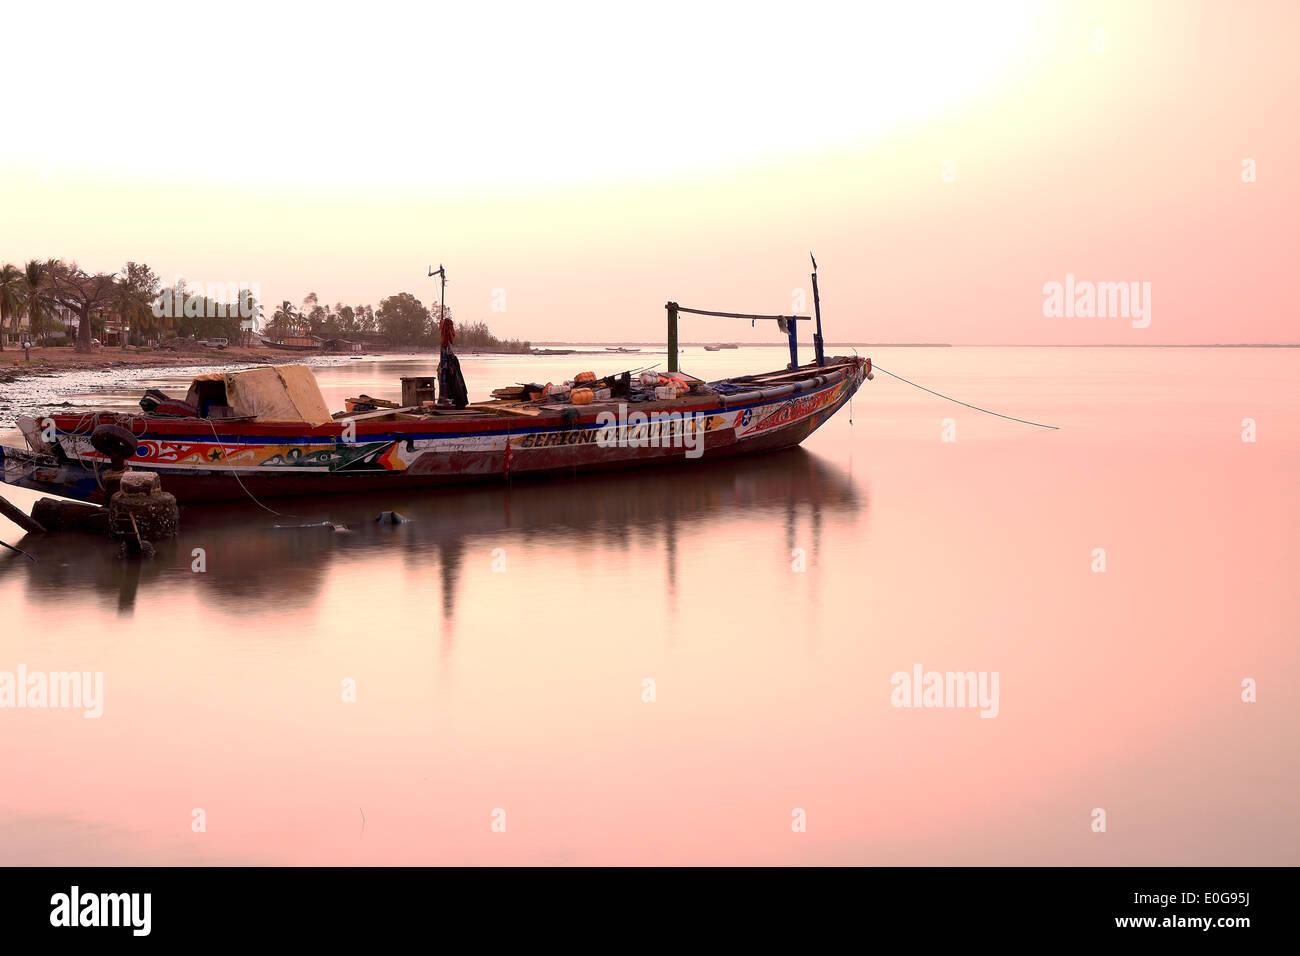 Ziguinchor-Senegal Imagen De Stock